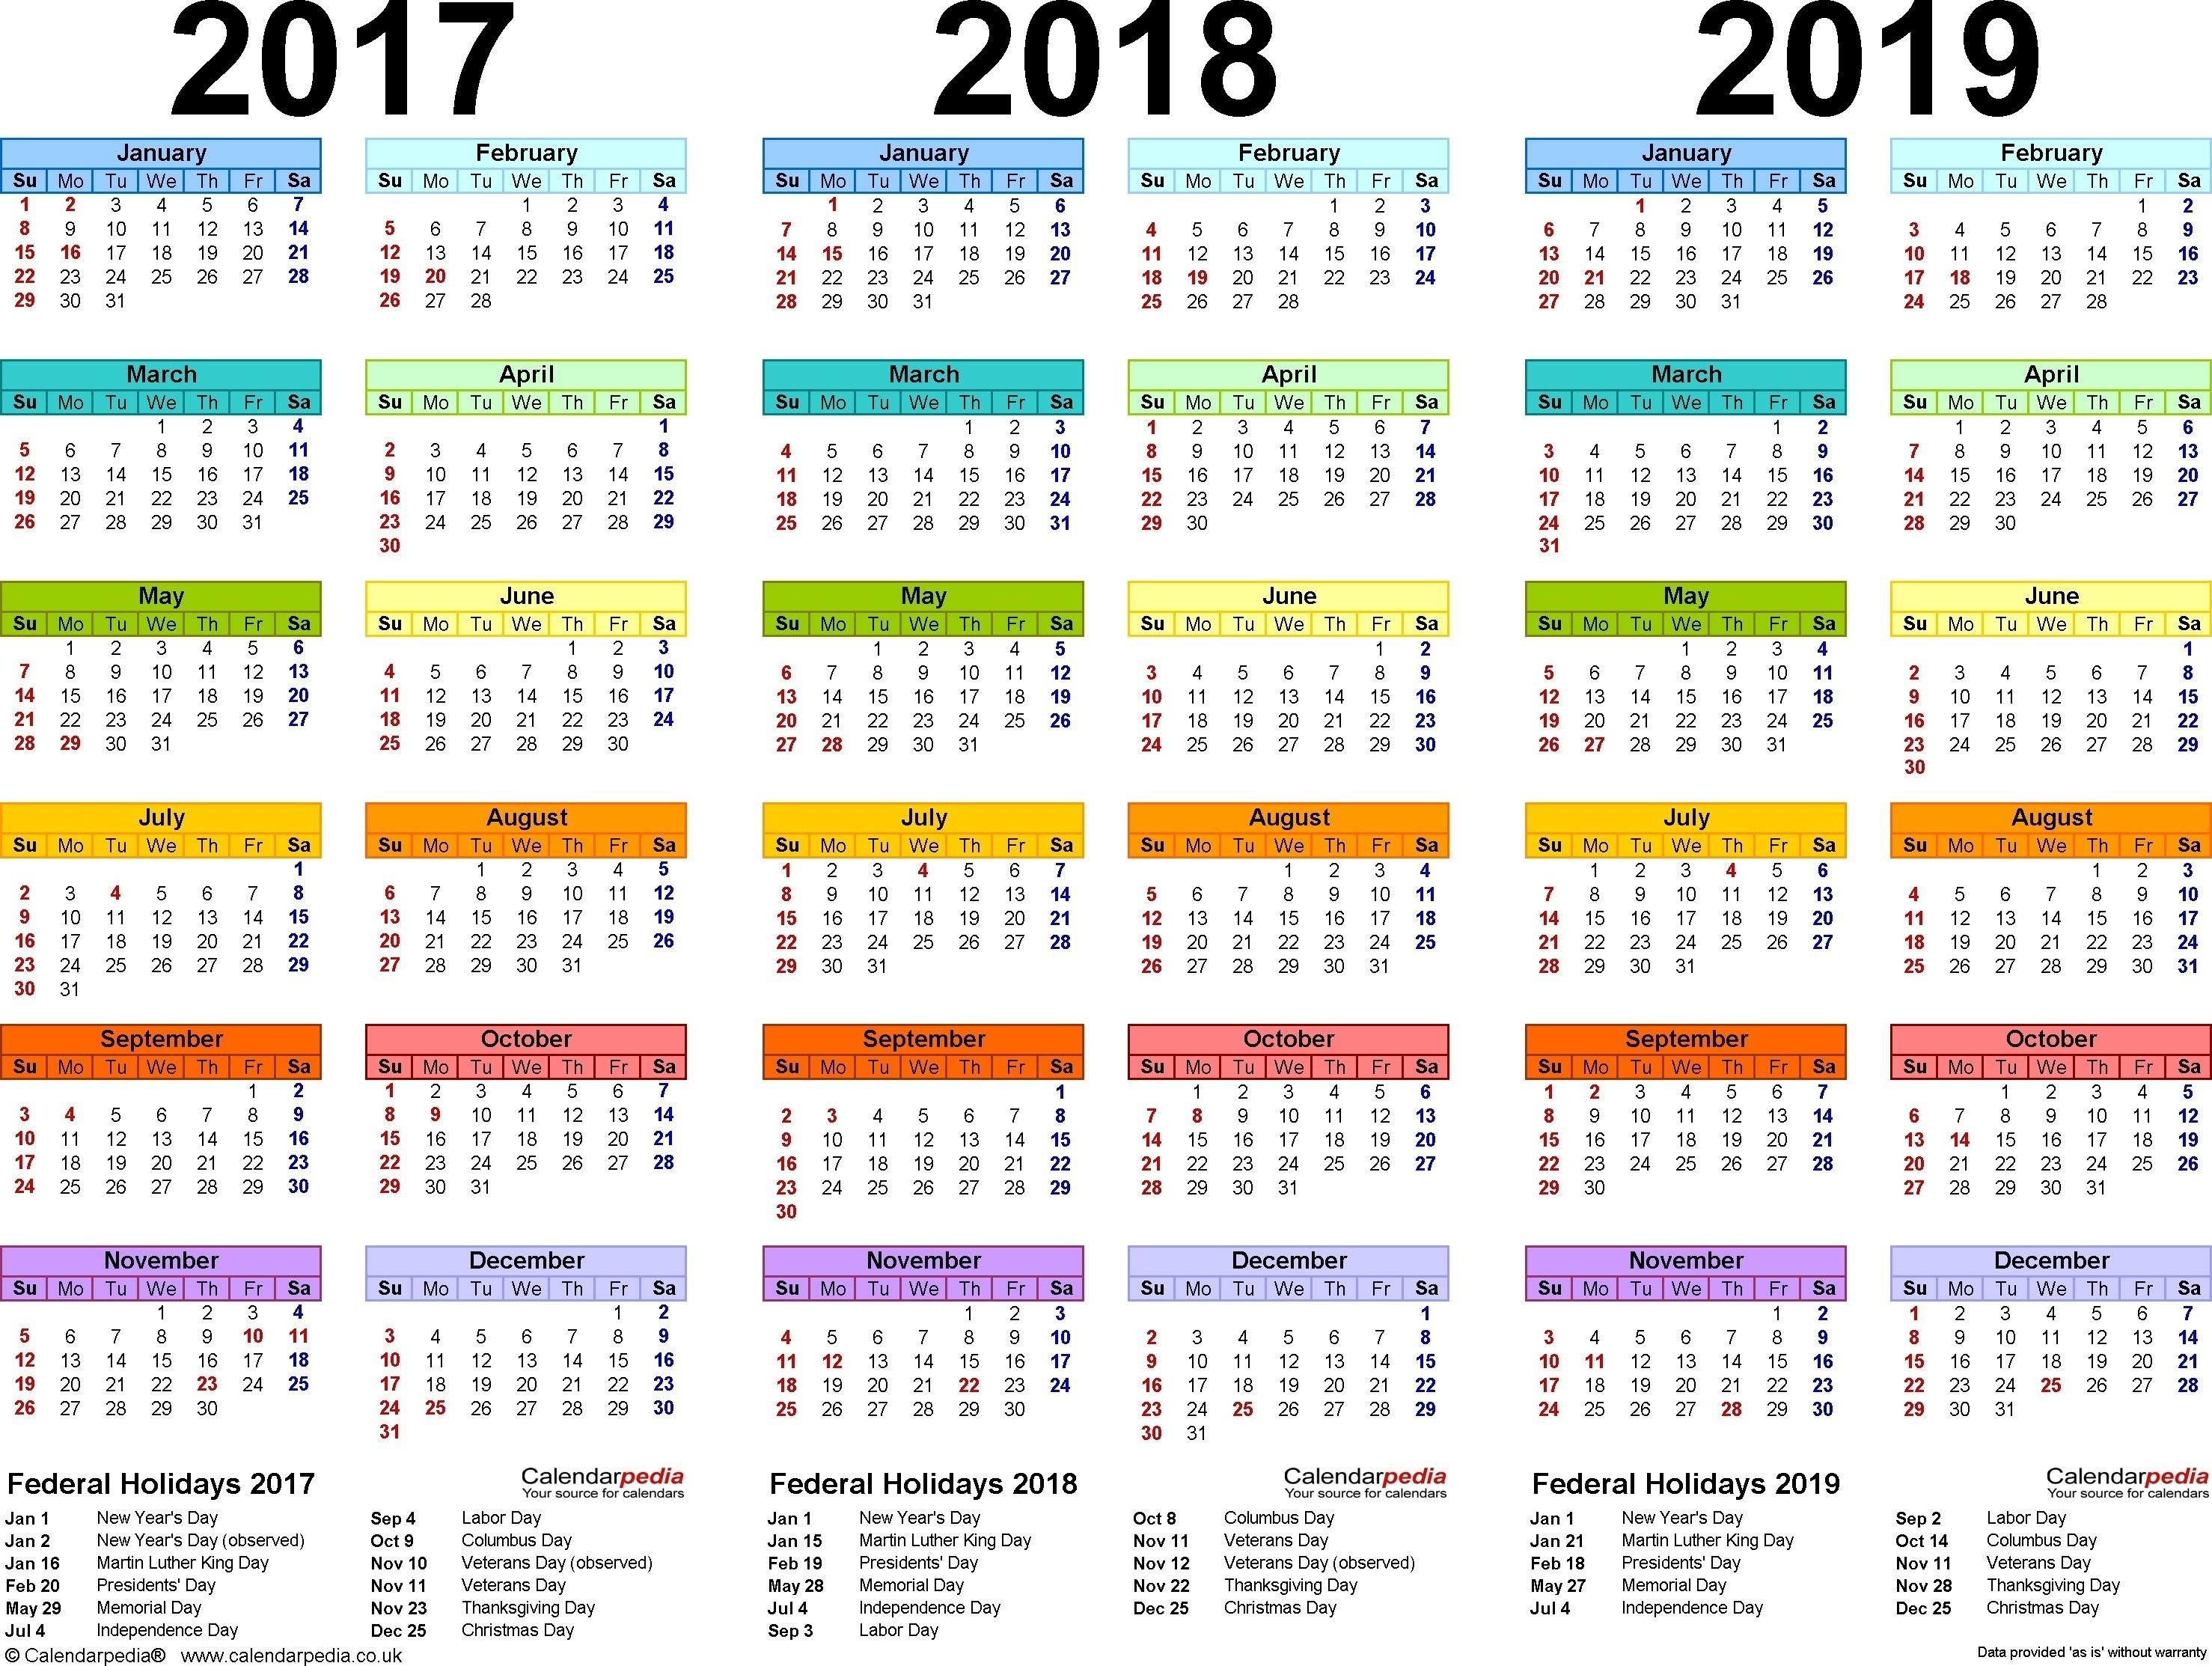 Depo Provera Calendar 2019 Printable Download For Free  Depo Provera Perpetual Calendar Pdf